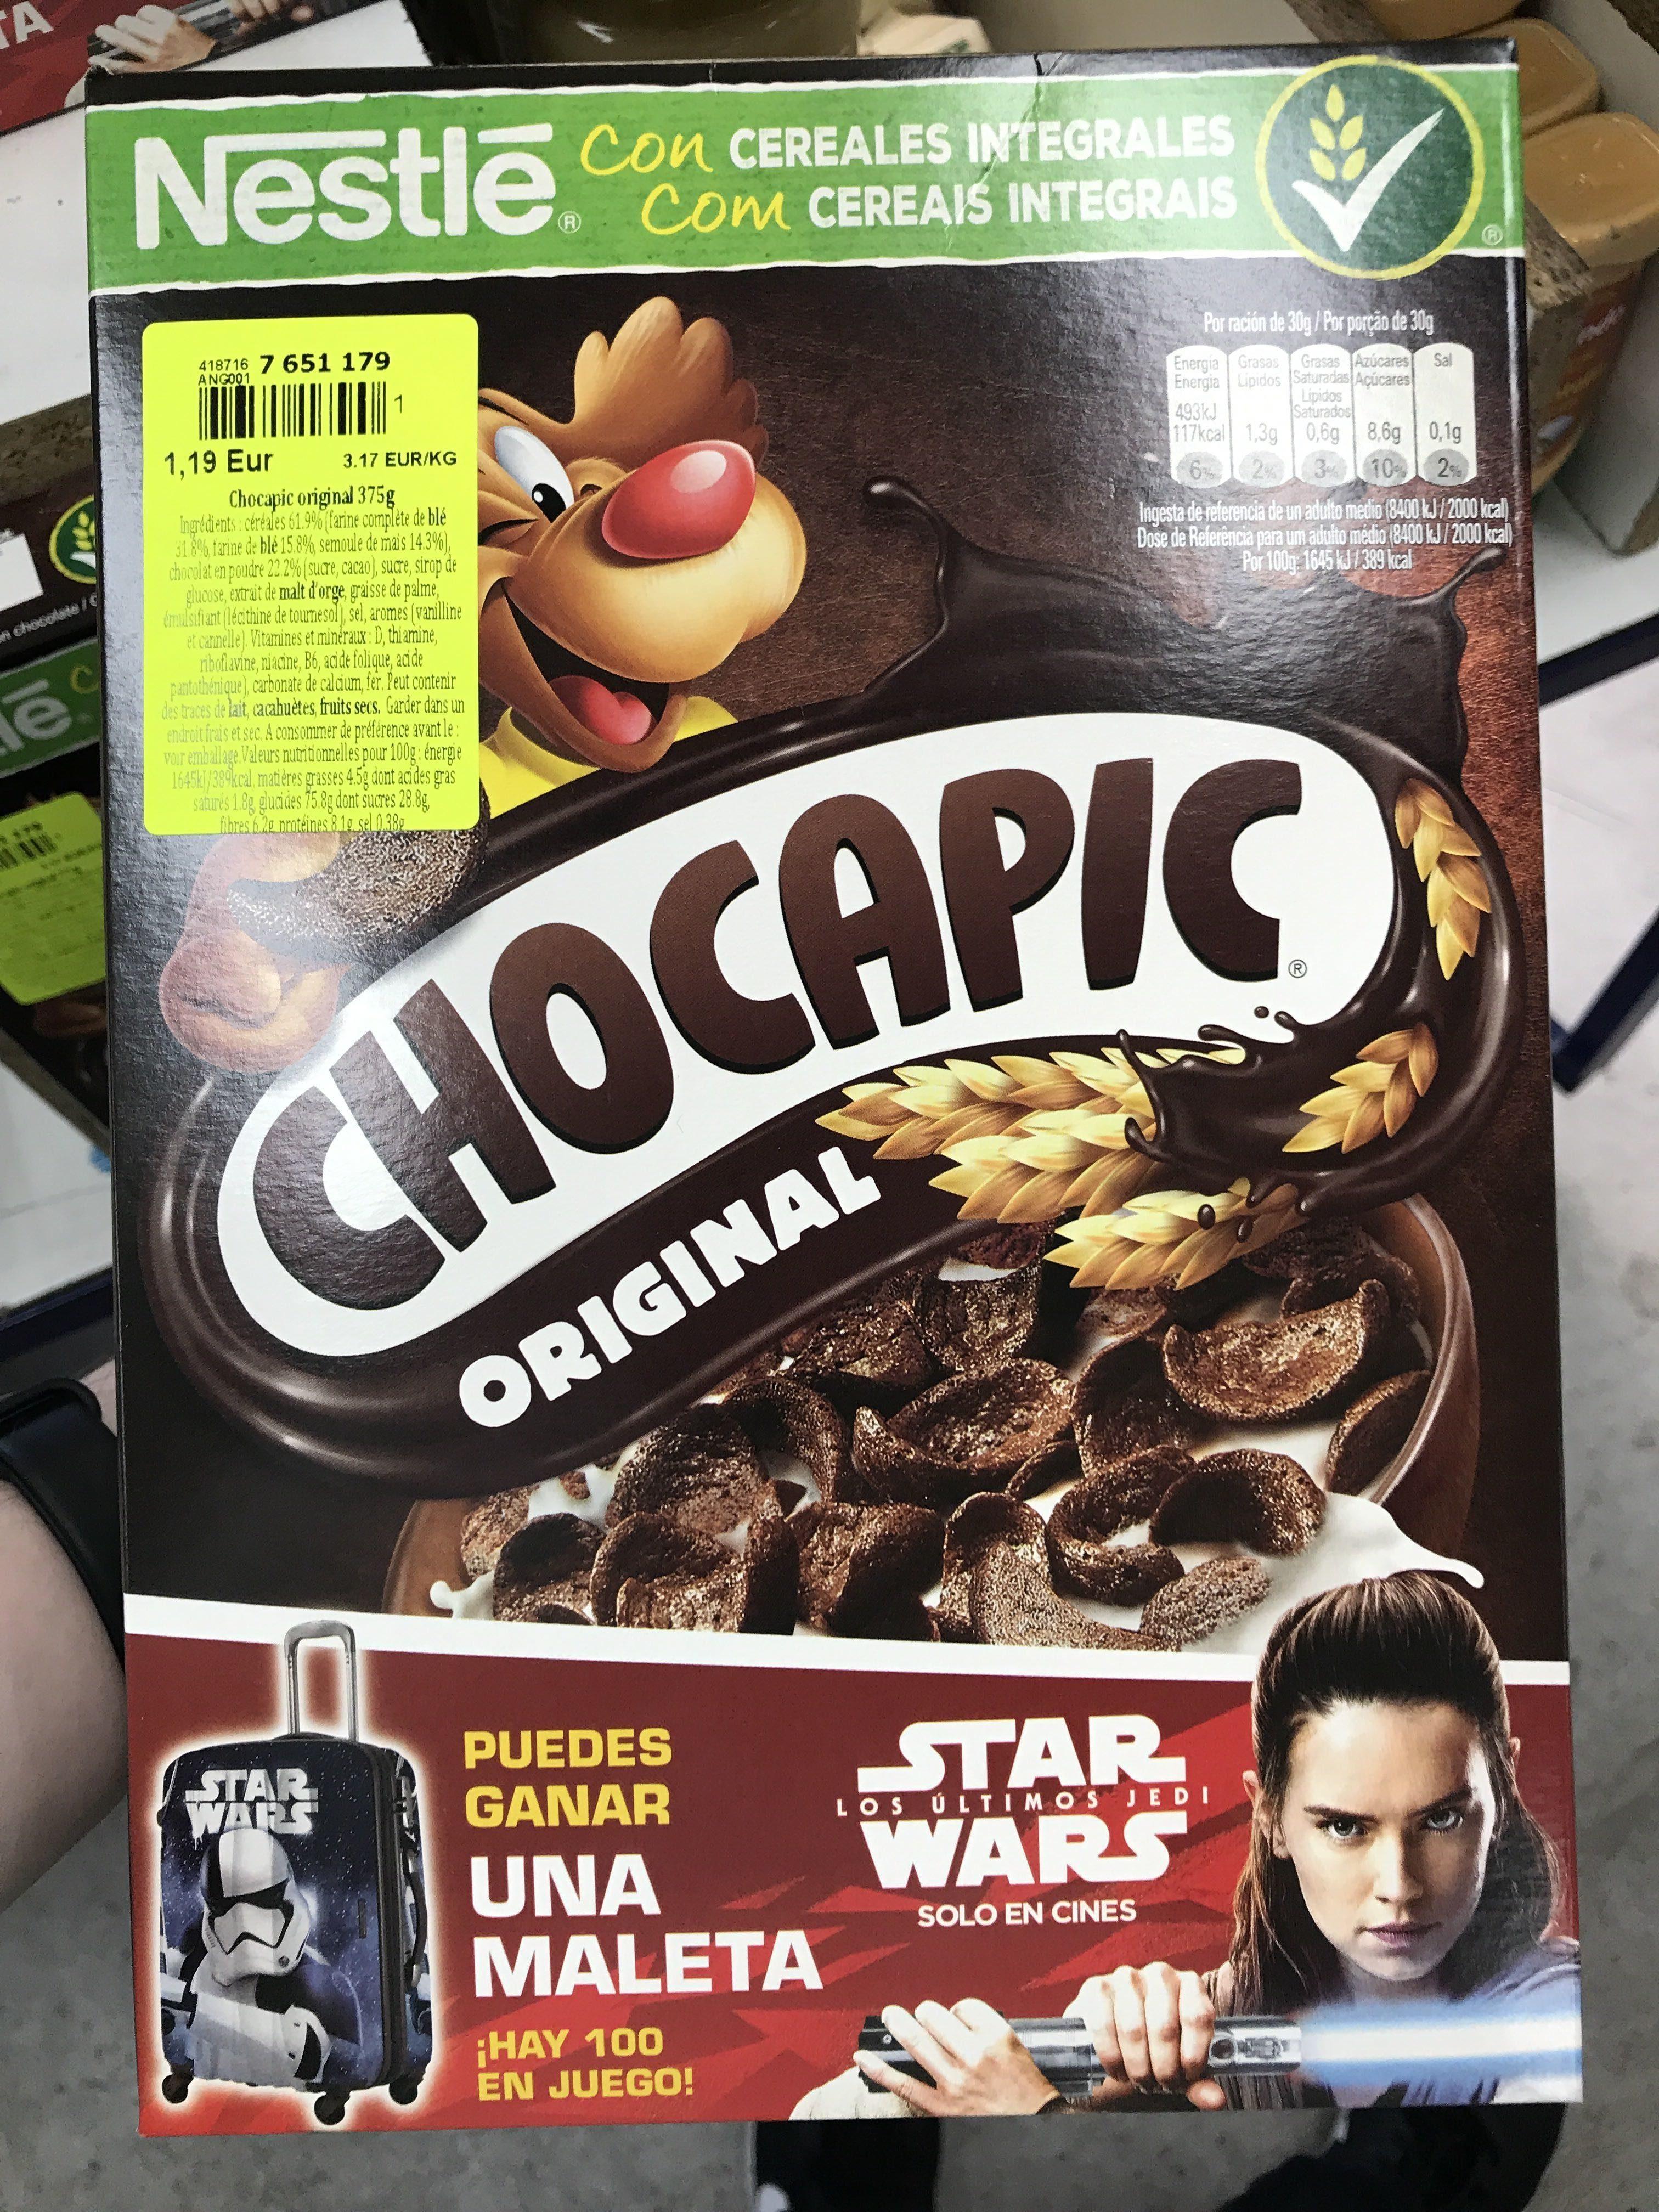 Chocapic Original - Producte